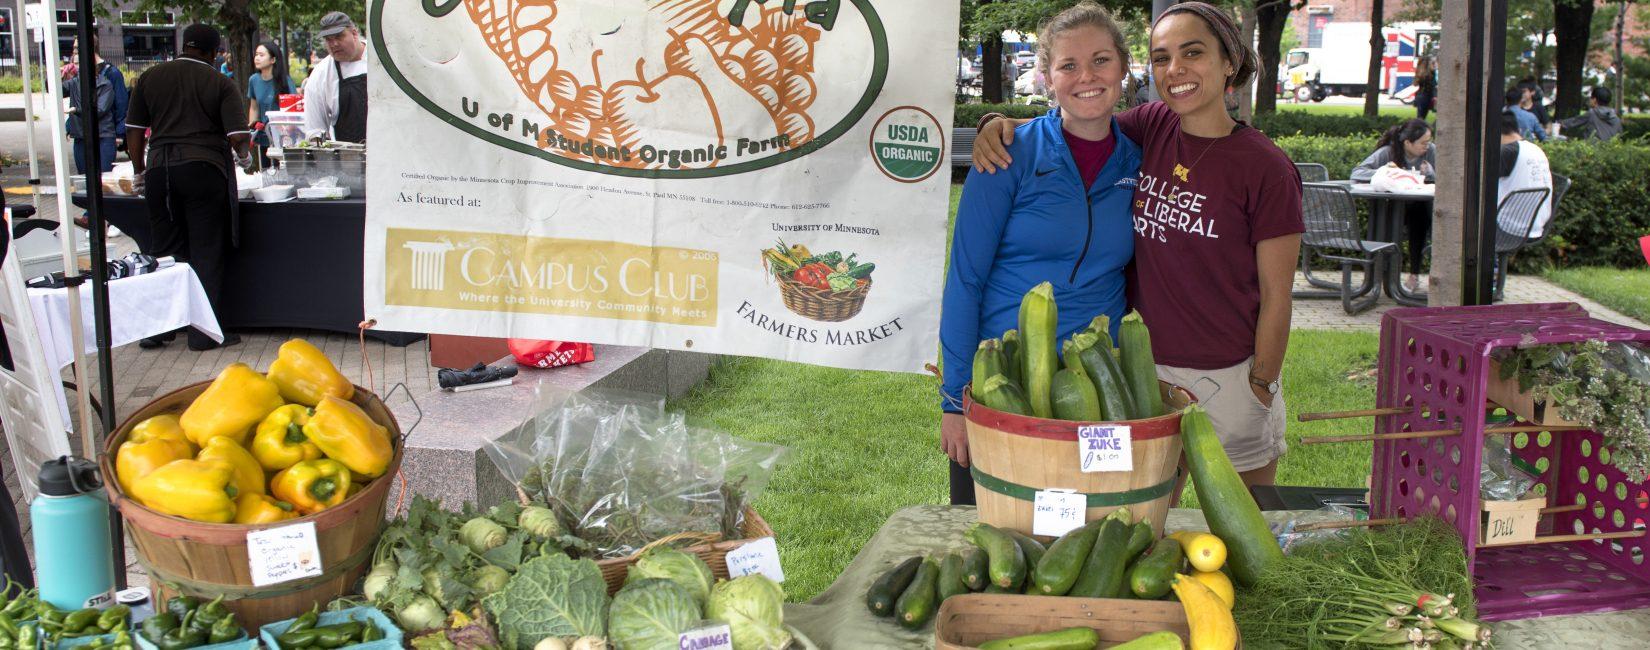 U of Minnesota - Organic Farm